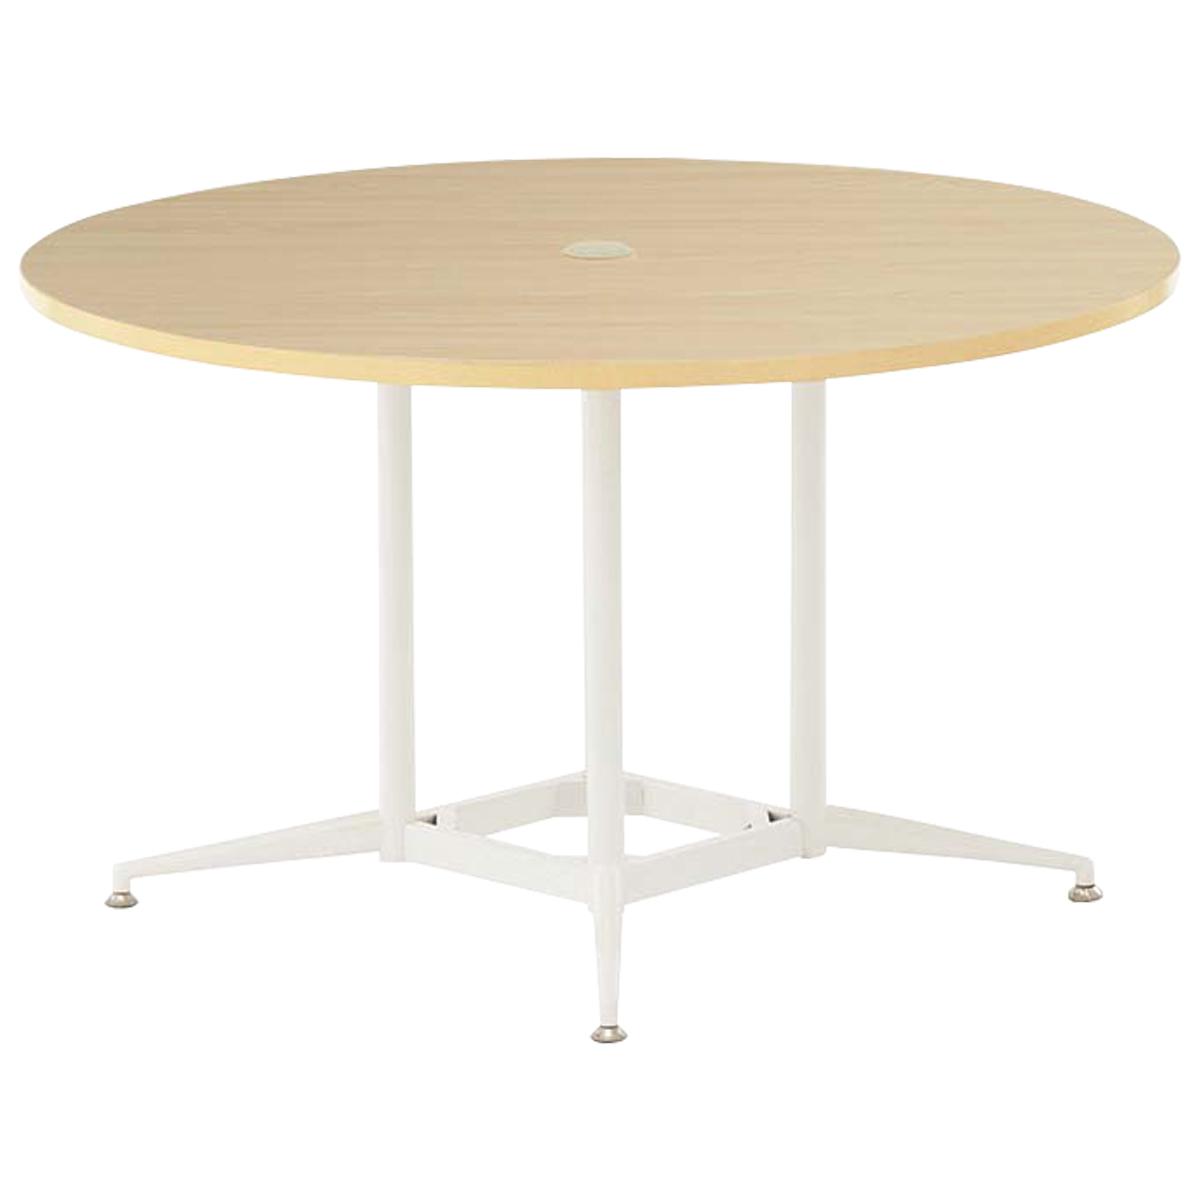 OAラウンドテーブル W1200 D1200 H700 ナチュラル テーブル ミーティングテーブル RYシリーズ オフィス家具 オフィステーブル 会議用テーブル パソコン キャップ